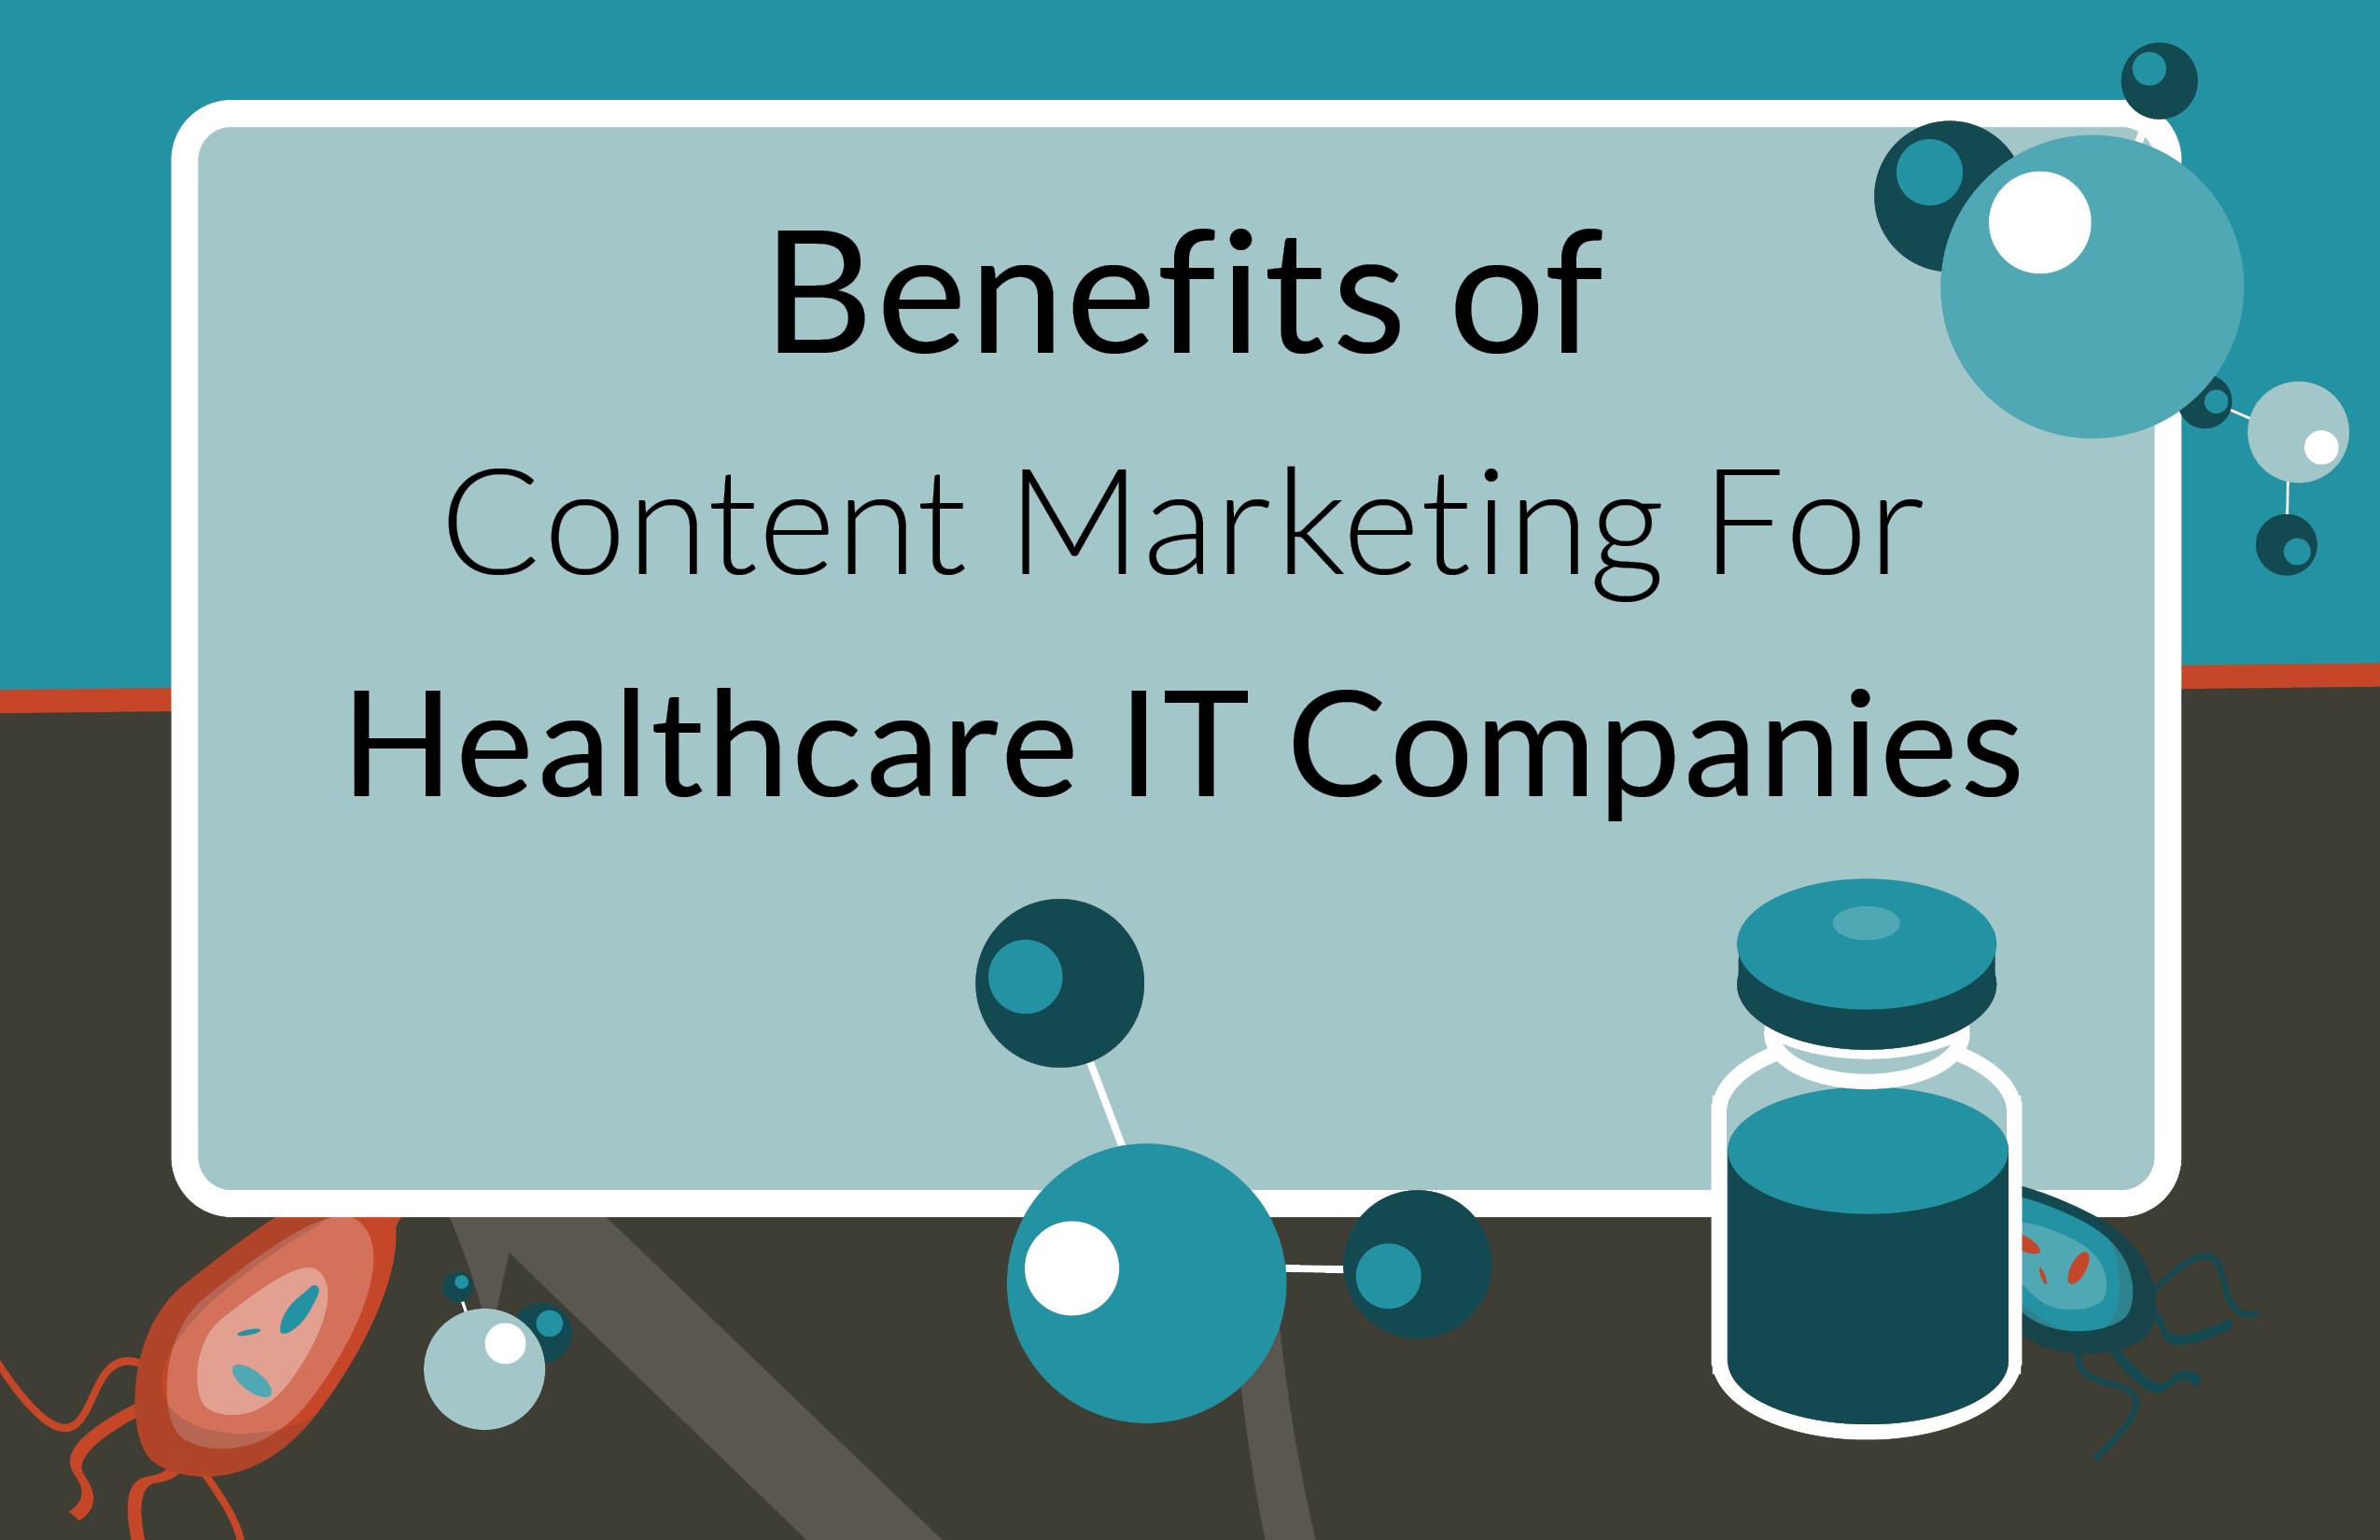 jones_blogimage_benefits_of_content_marketing_for_healthcare_it_companies